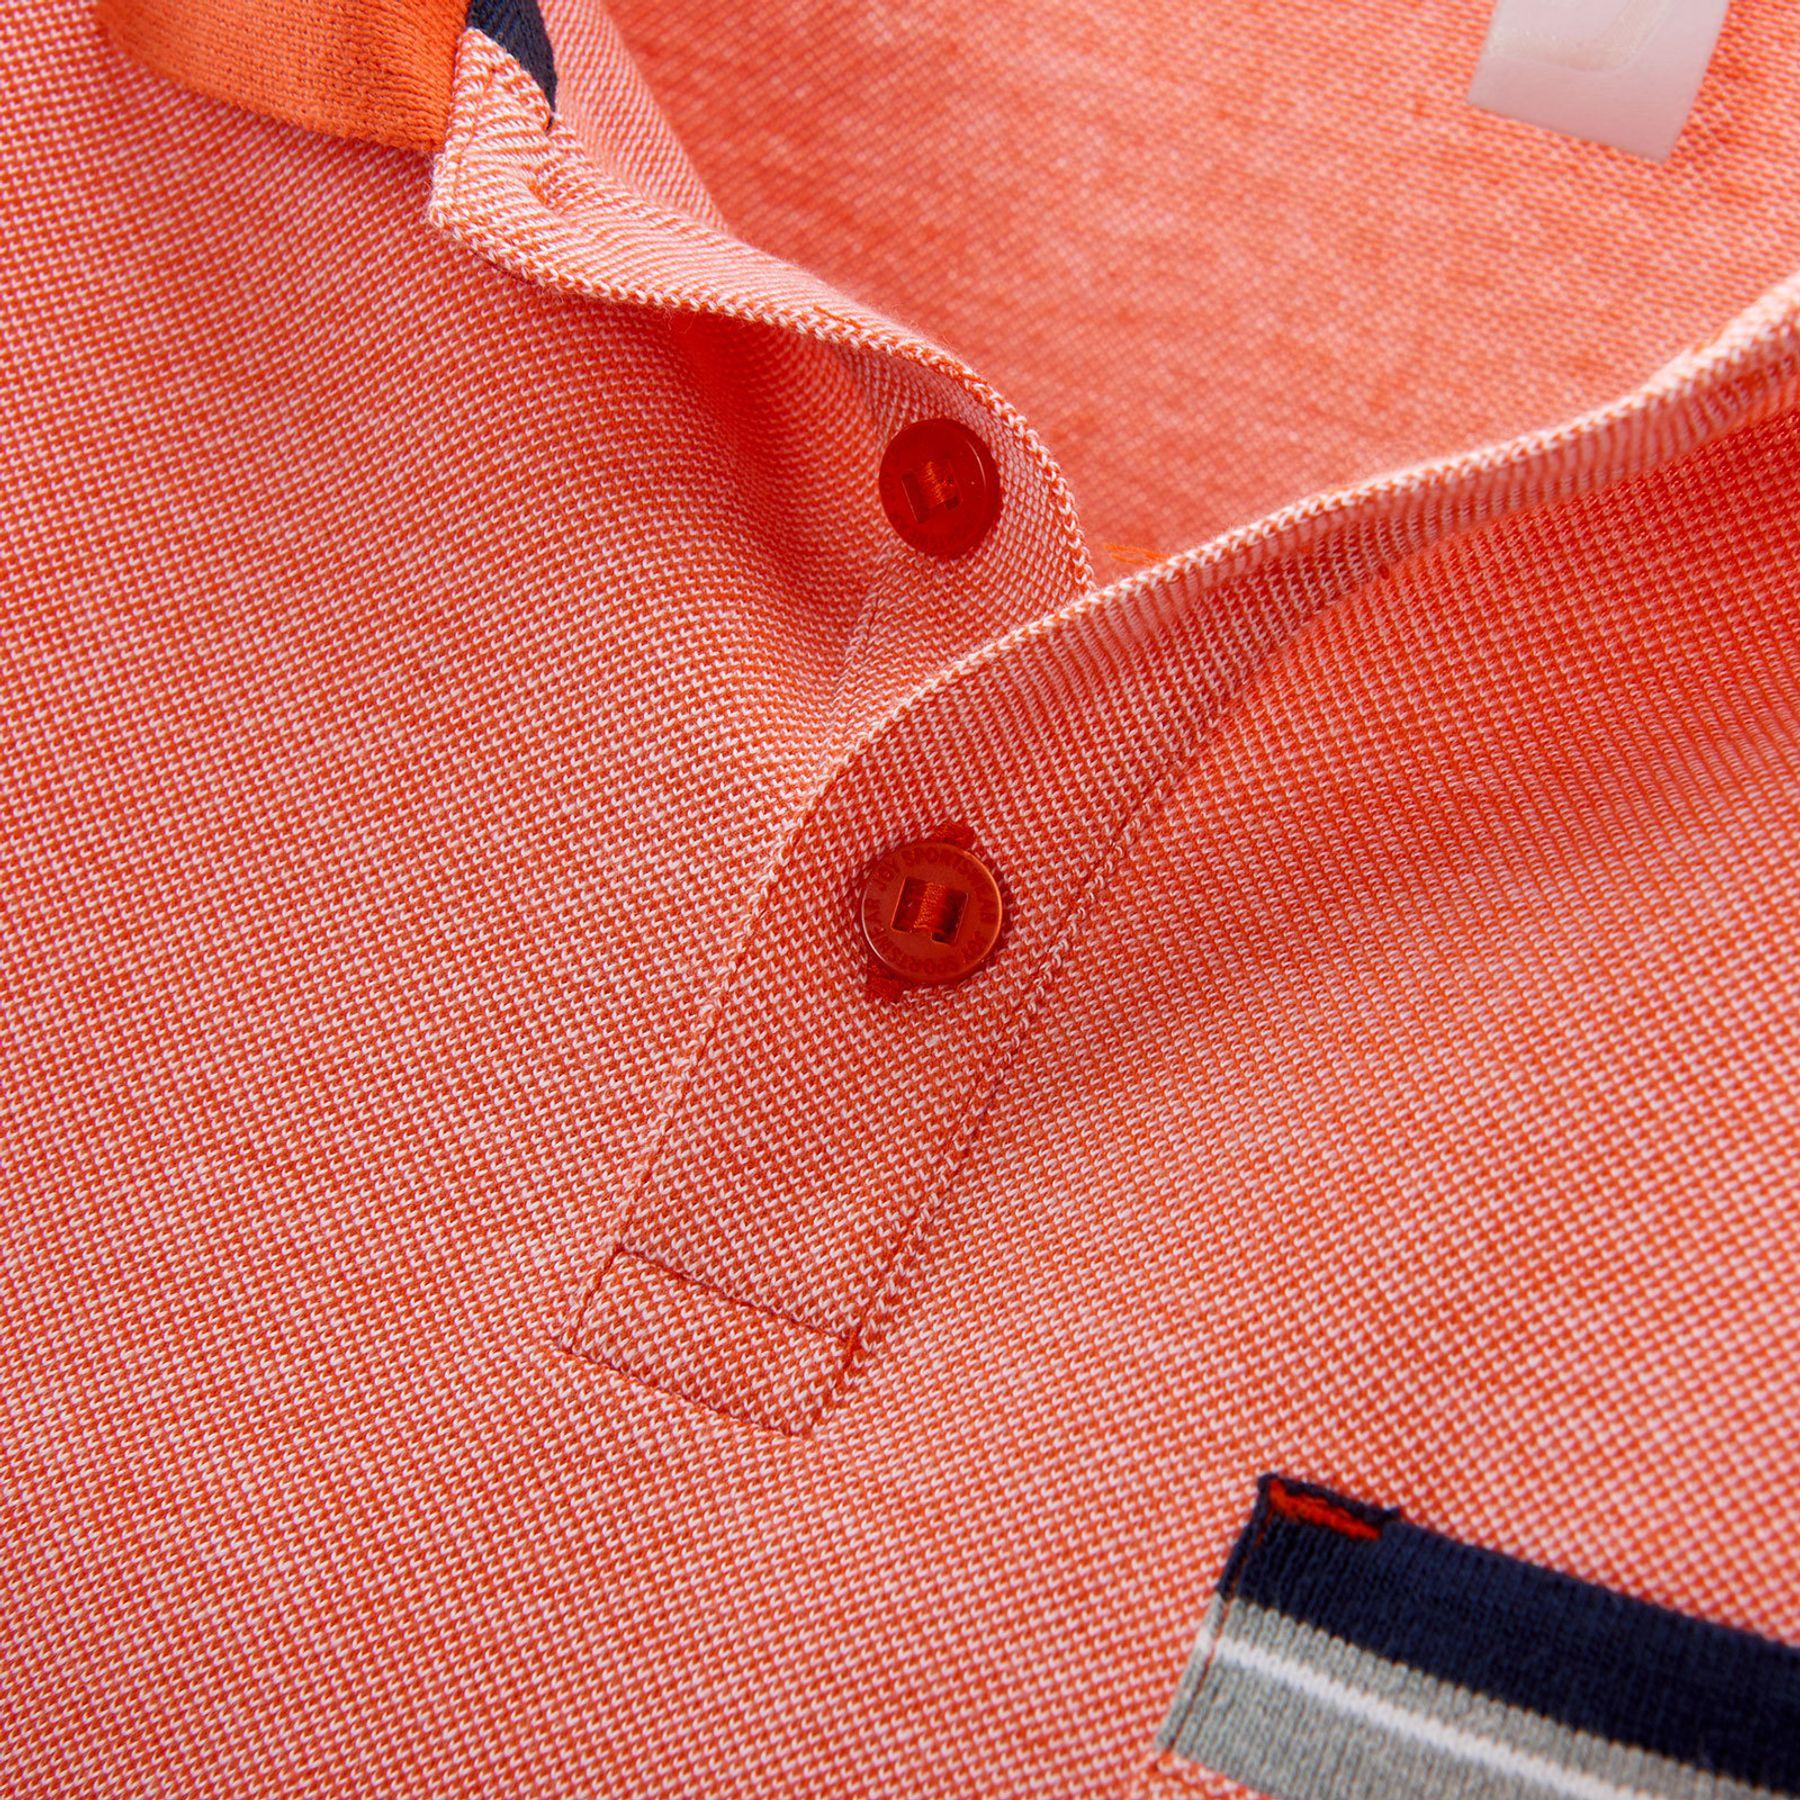 Joy - Herren Sport und Freizeit Poloshirt mit Brusttasche, Ingo (40191 A) – Bild 18